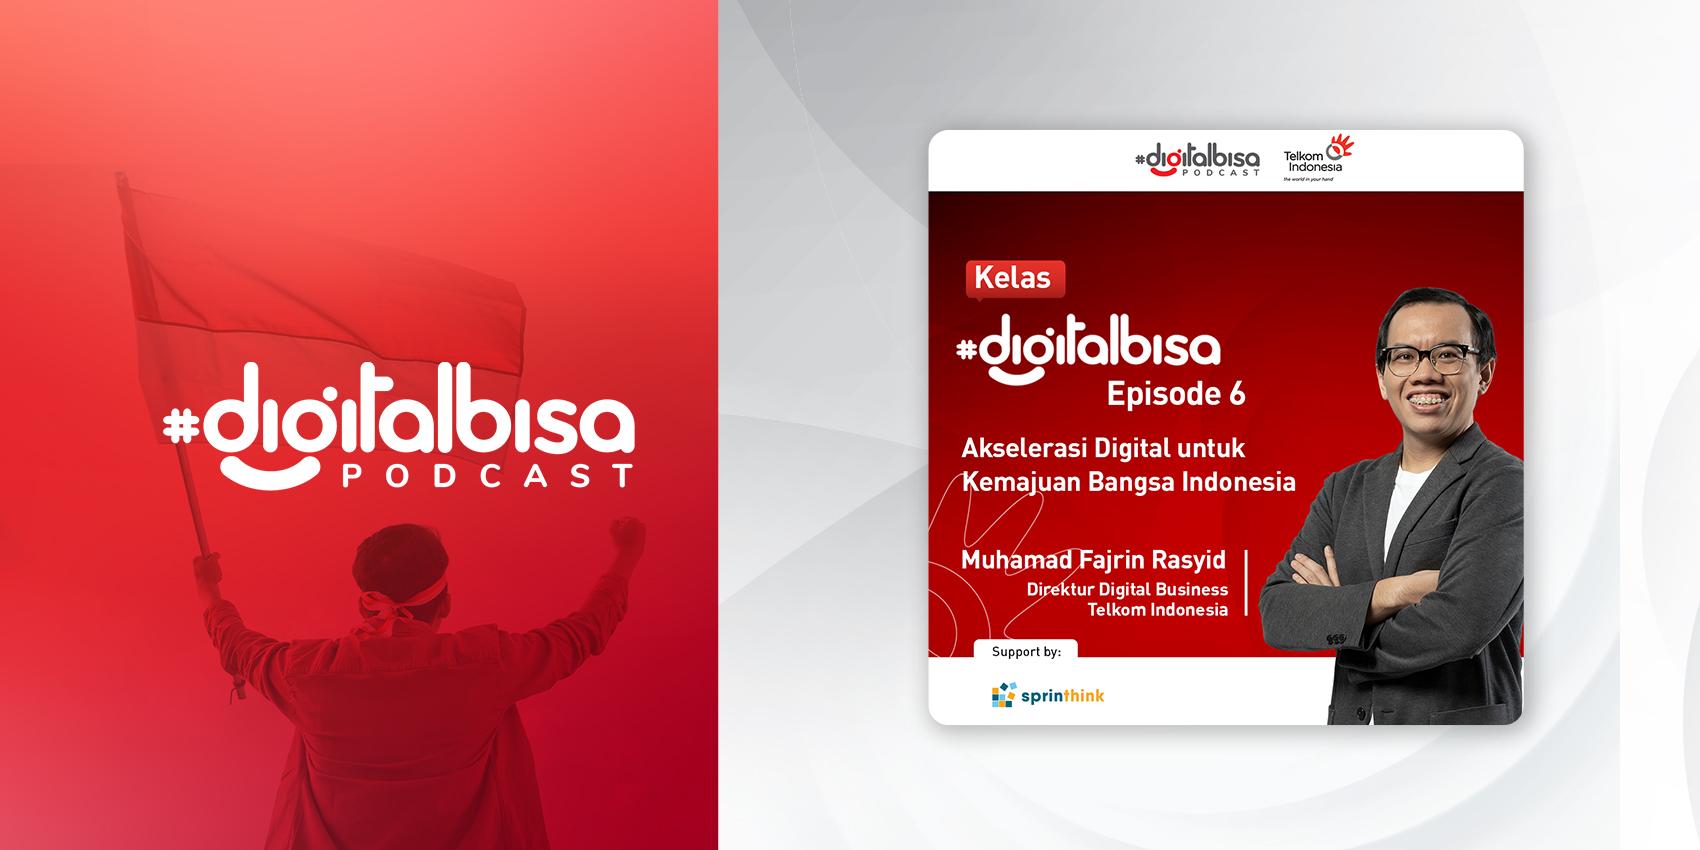 Akselerasi Digital untuk Kemajuan Bangsa Indonesia - Muhamad Fajrin Rasyid (Direktur Digital Business Telkom Indonesia) I TelkomTalks Spesial 56 Tahun Telkom Indonesia